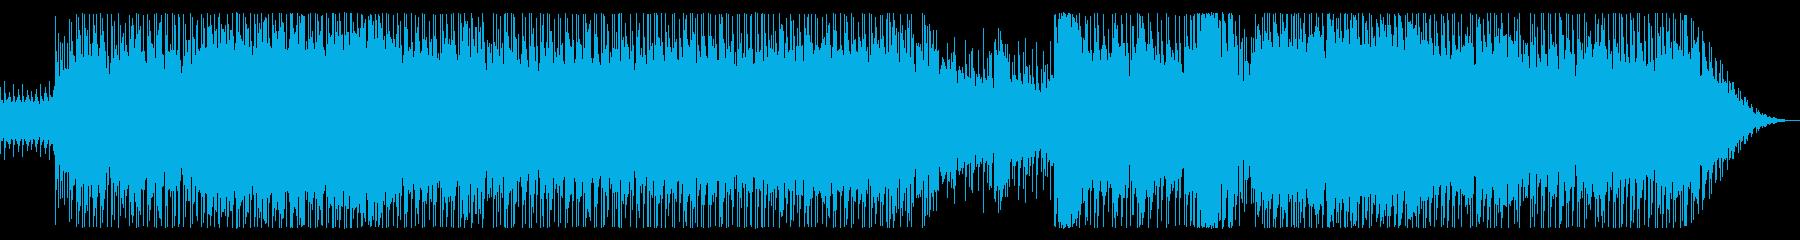 80年代洋楽ポップロック風の再生済みの波形